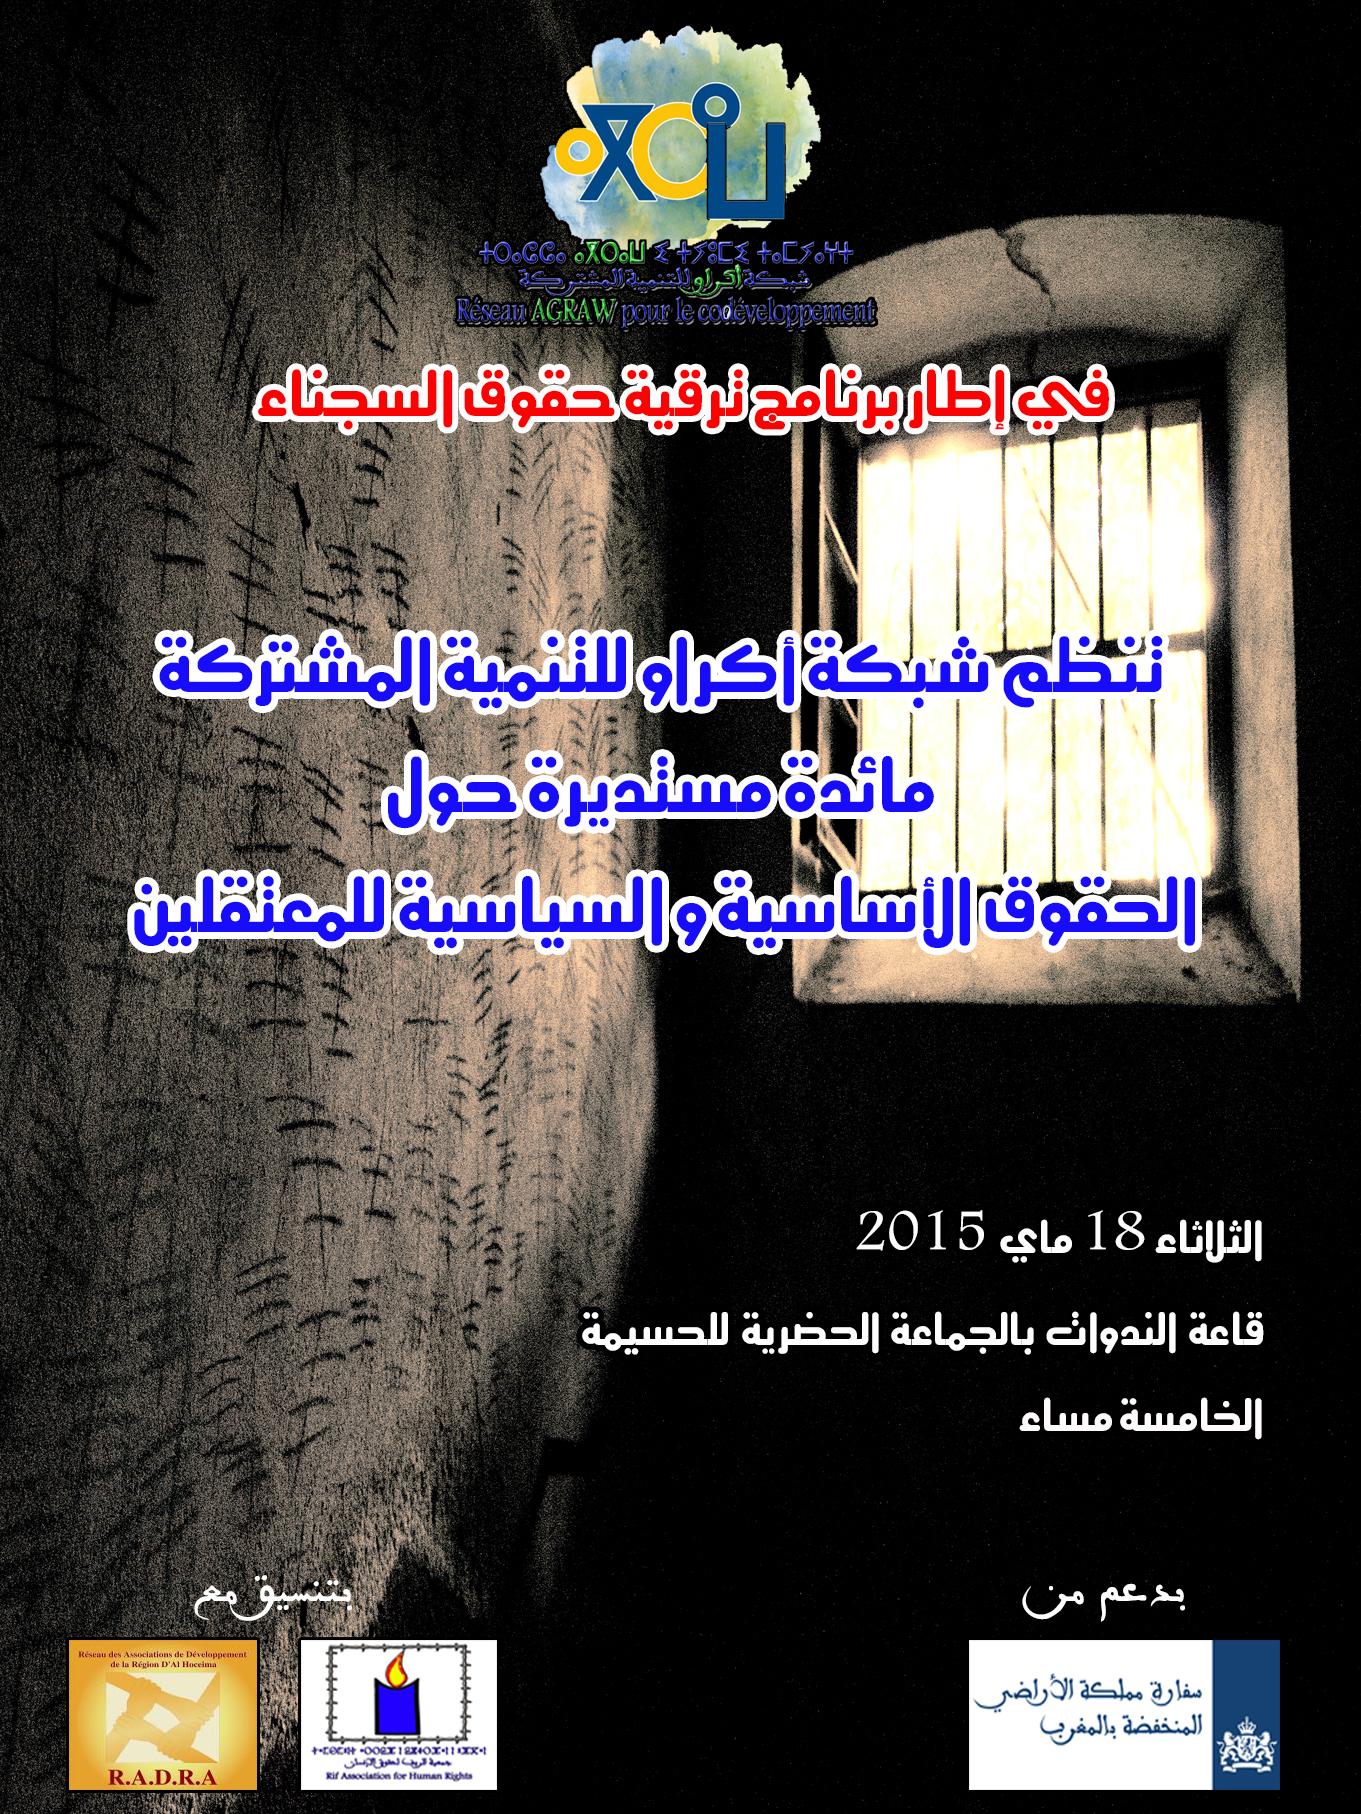 مائدة مستديرة بالحسيمة حول الحقوق الأساسية للمعتقلين والسجناء وحق التصويت في الانتخابات والاستفتاءات